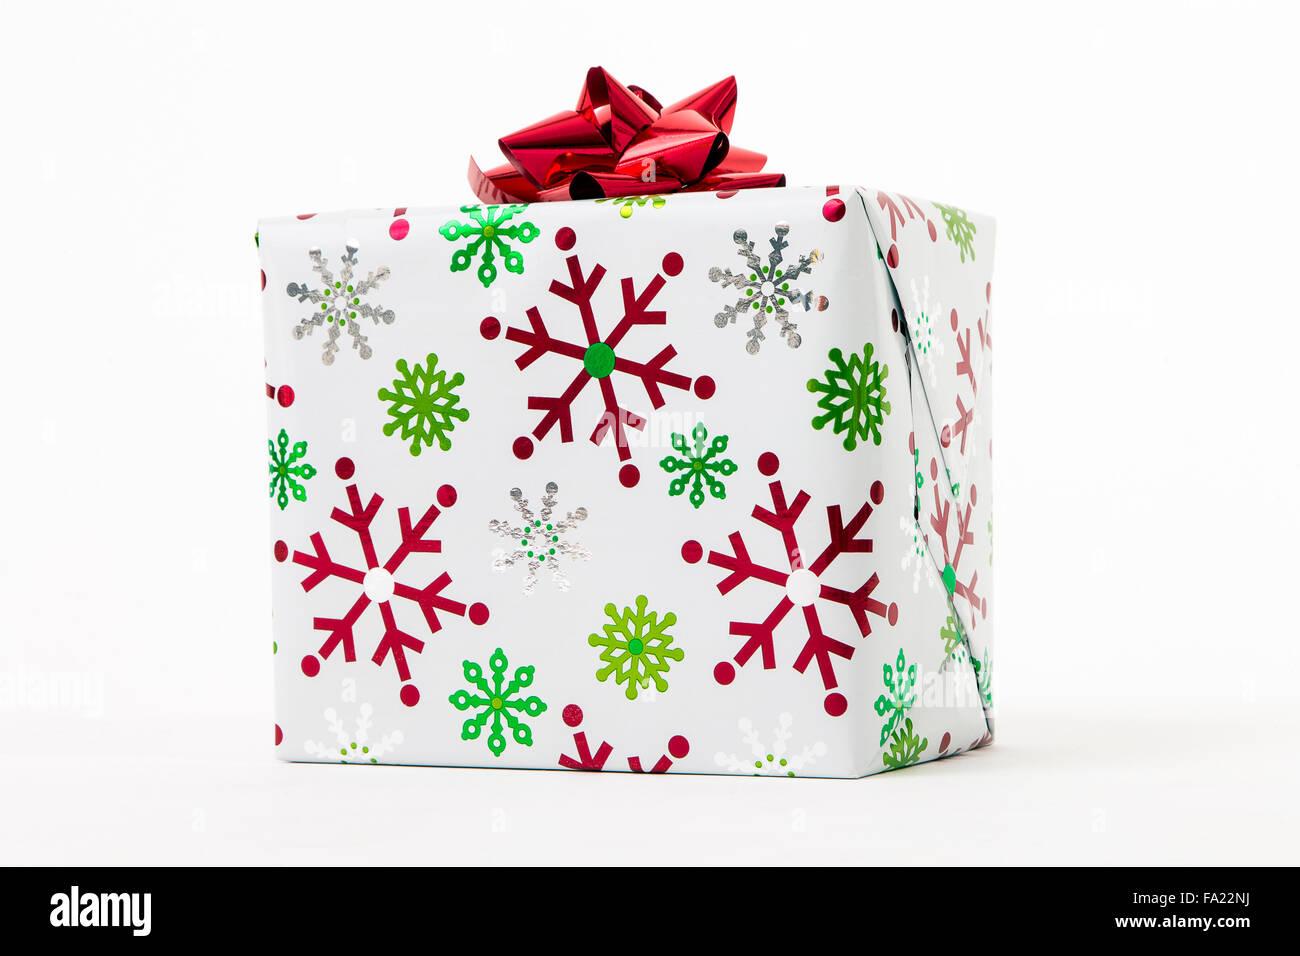 Regalo de navidad, envuelto en papel con copos de nieve Imagen De Stock